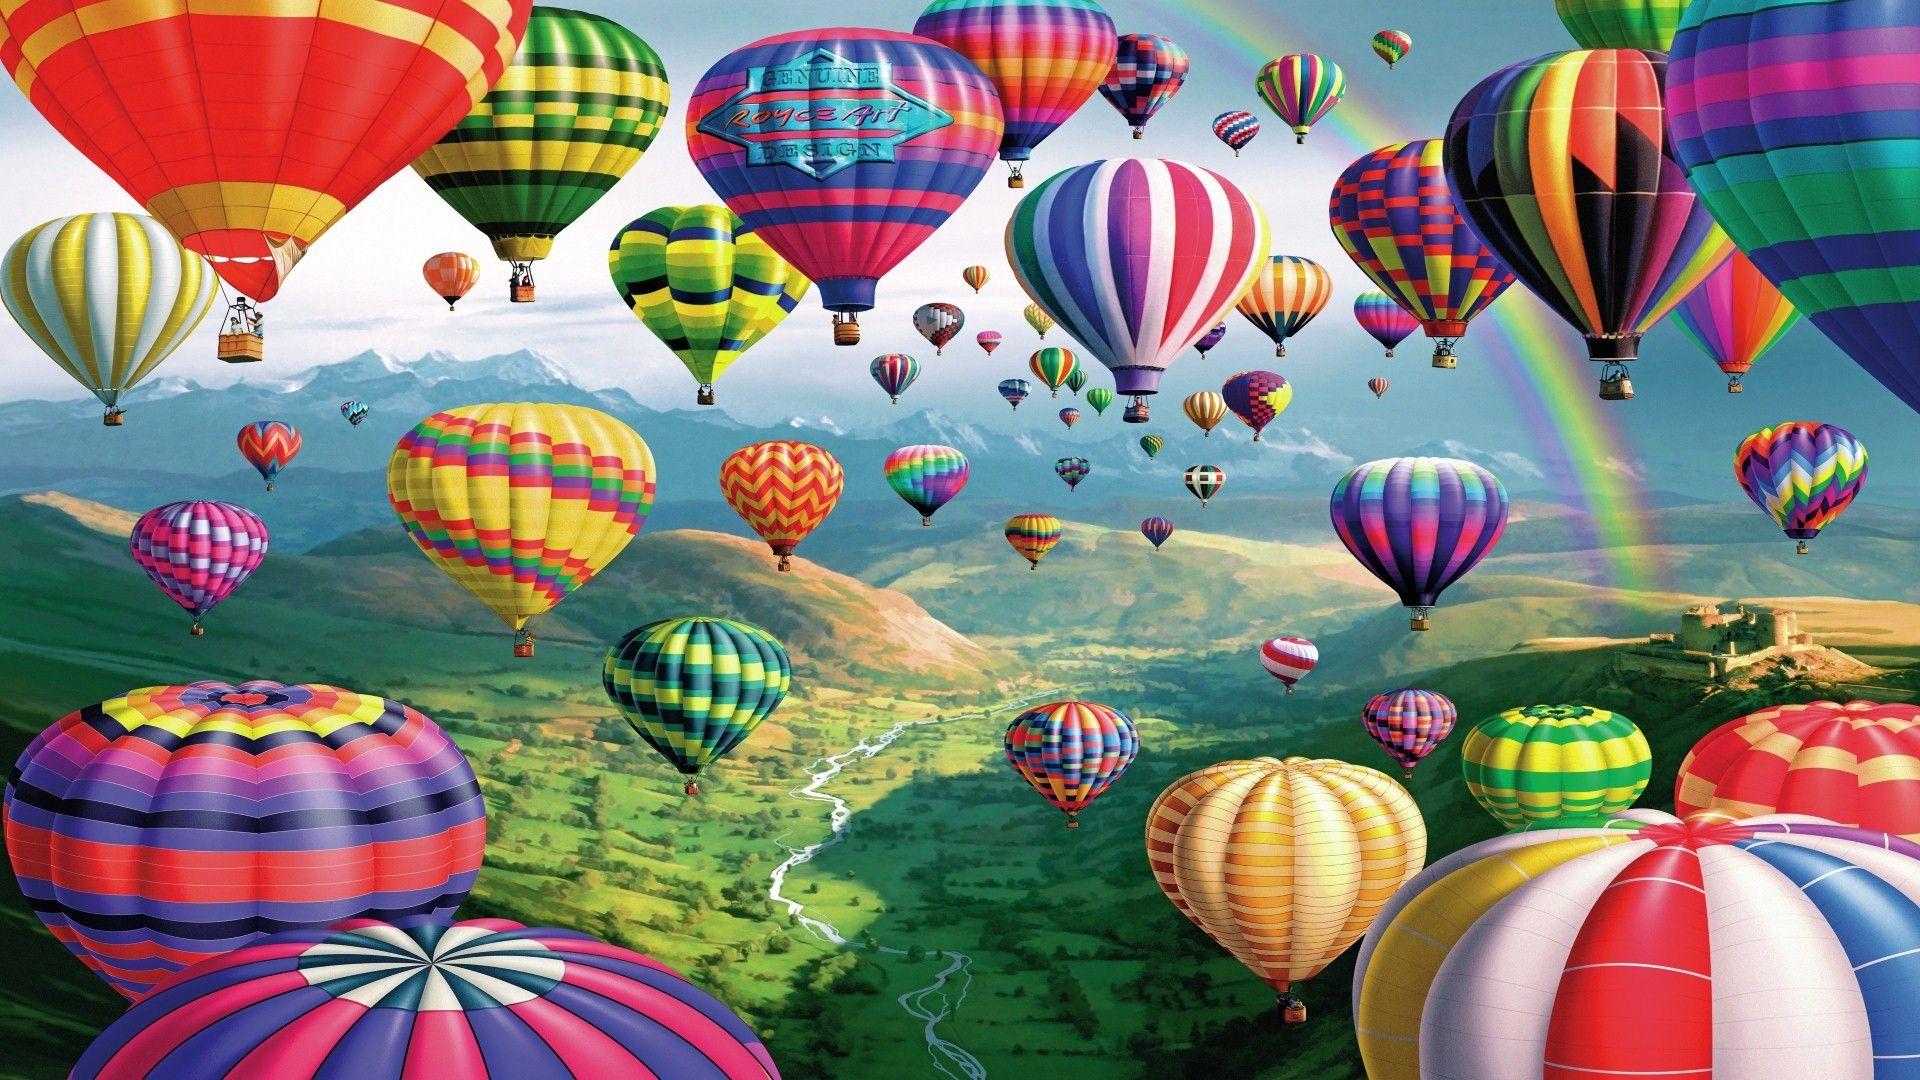 hot-air-balloons-hd-wallpaper-581288.jpg (1920×1080 ...